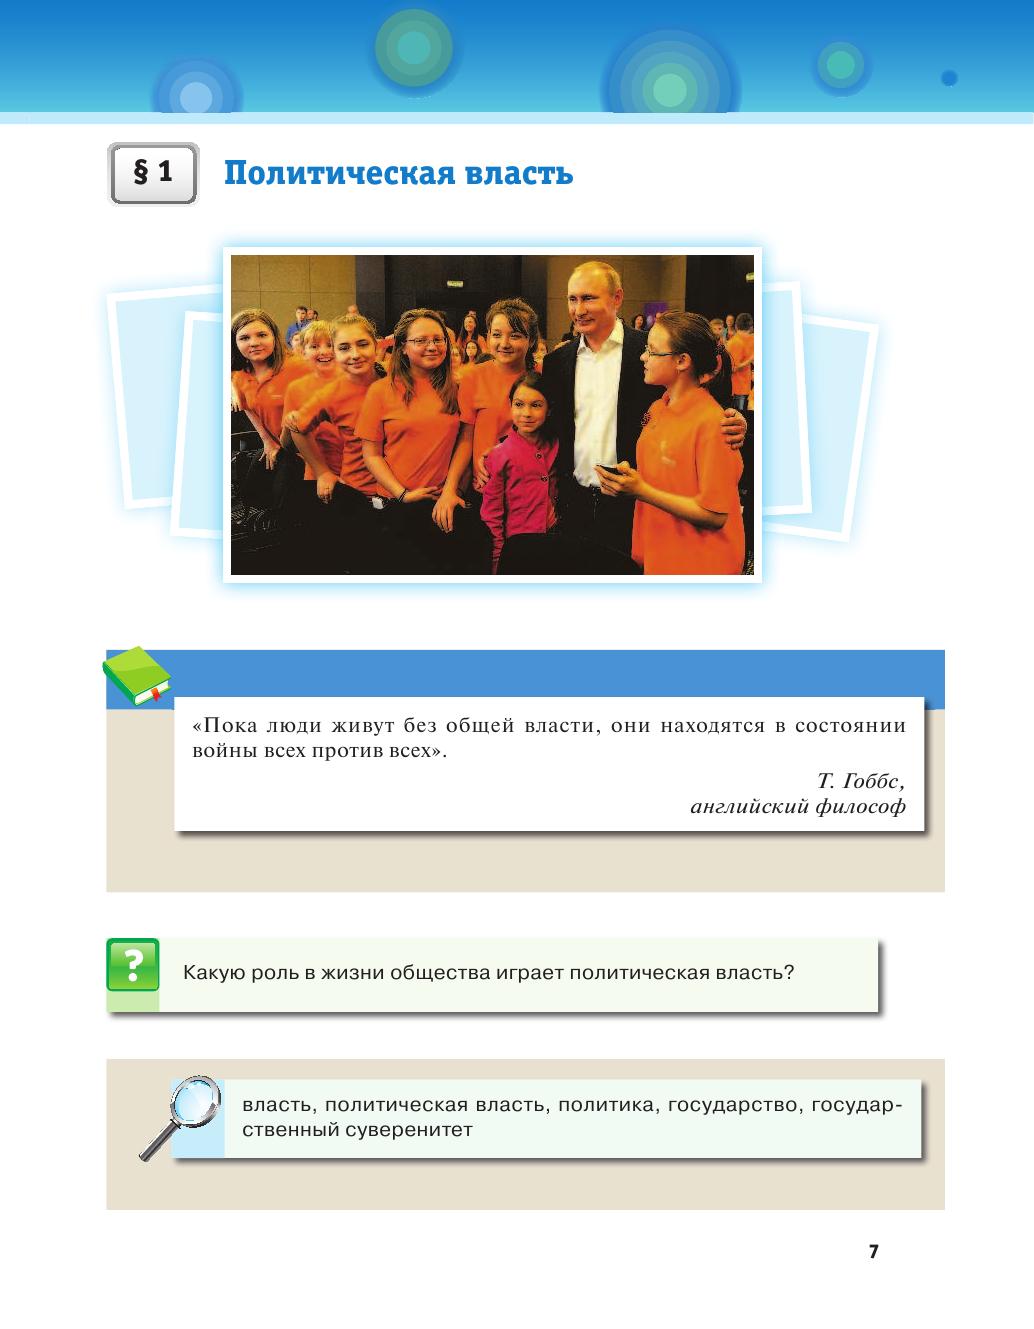 Обществознание. 9 класс. Учебное пособие - страница 7